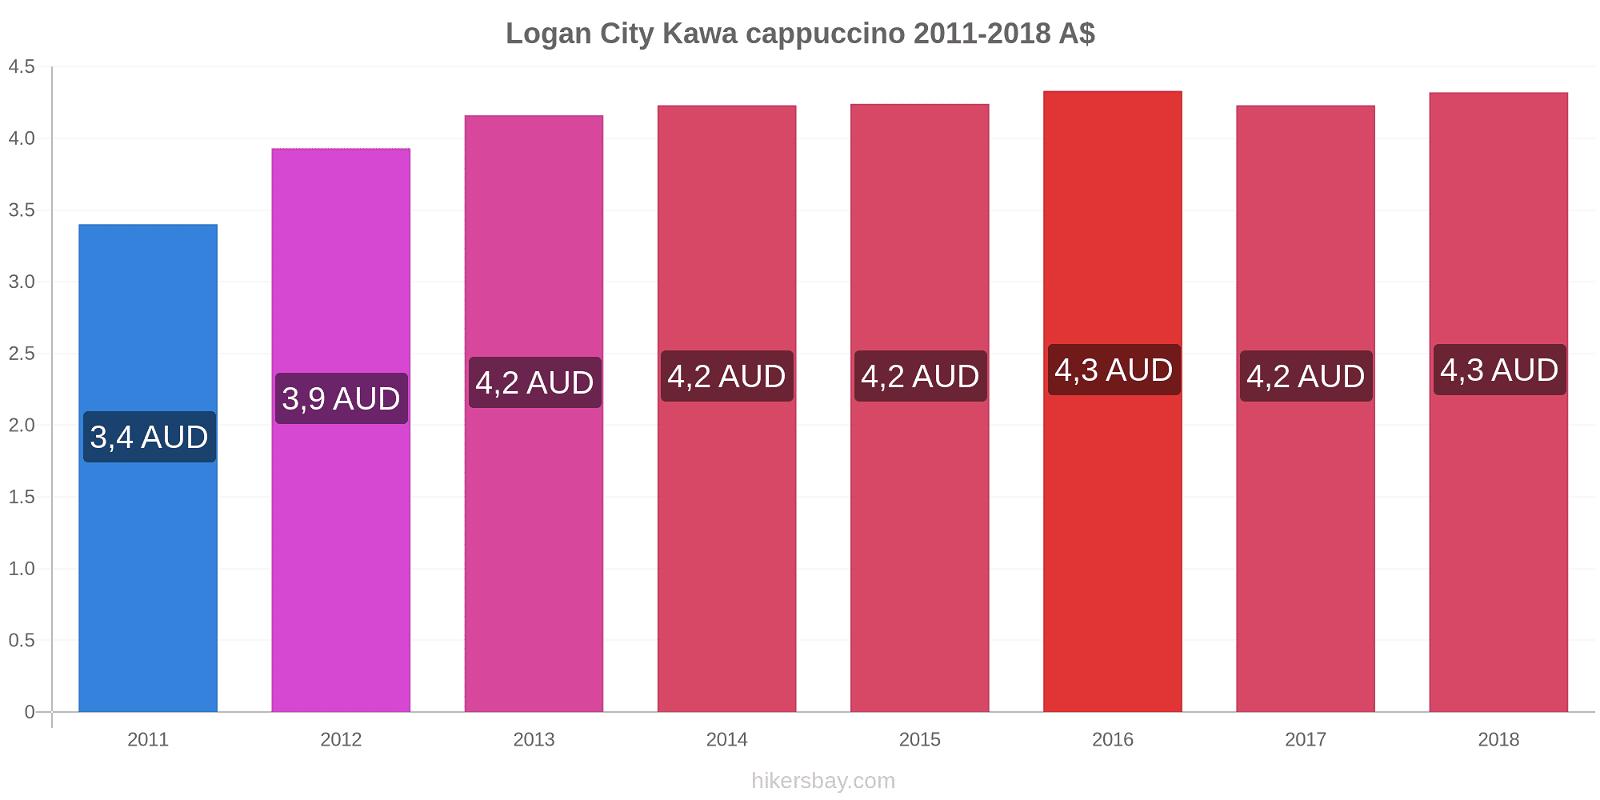 Logan City zmiany cen Kawa cappuccino hikersbay.com